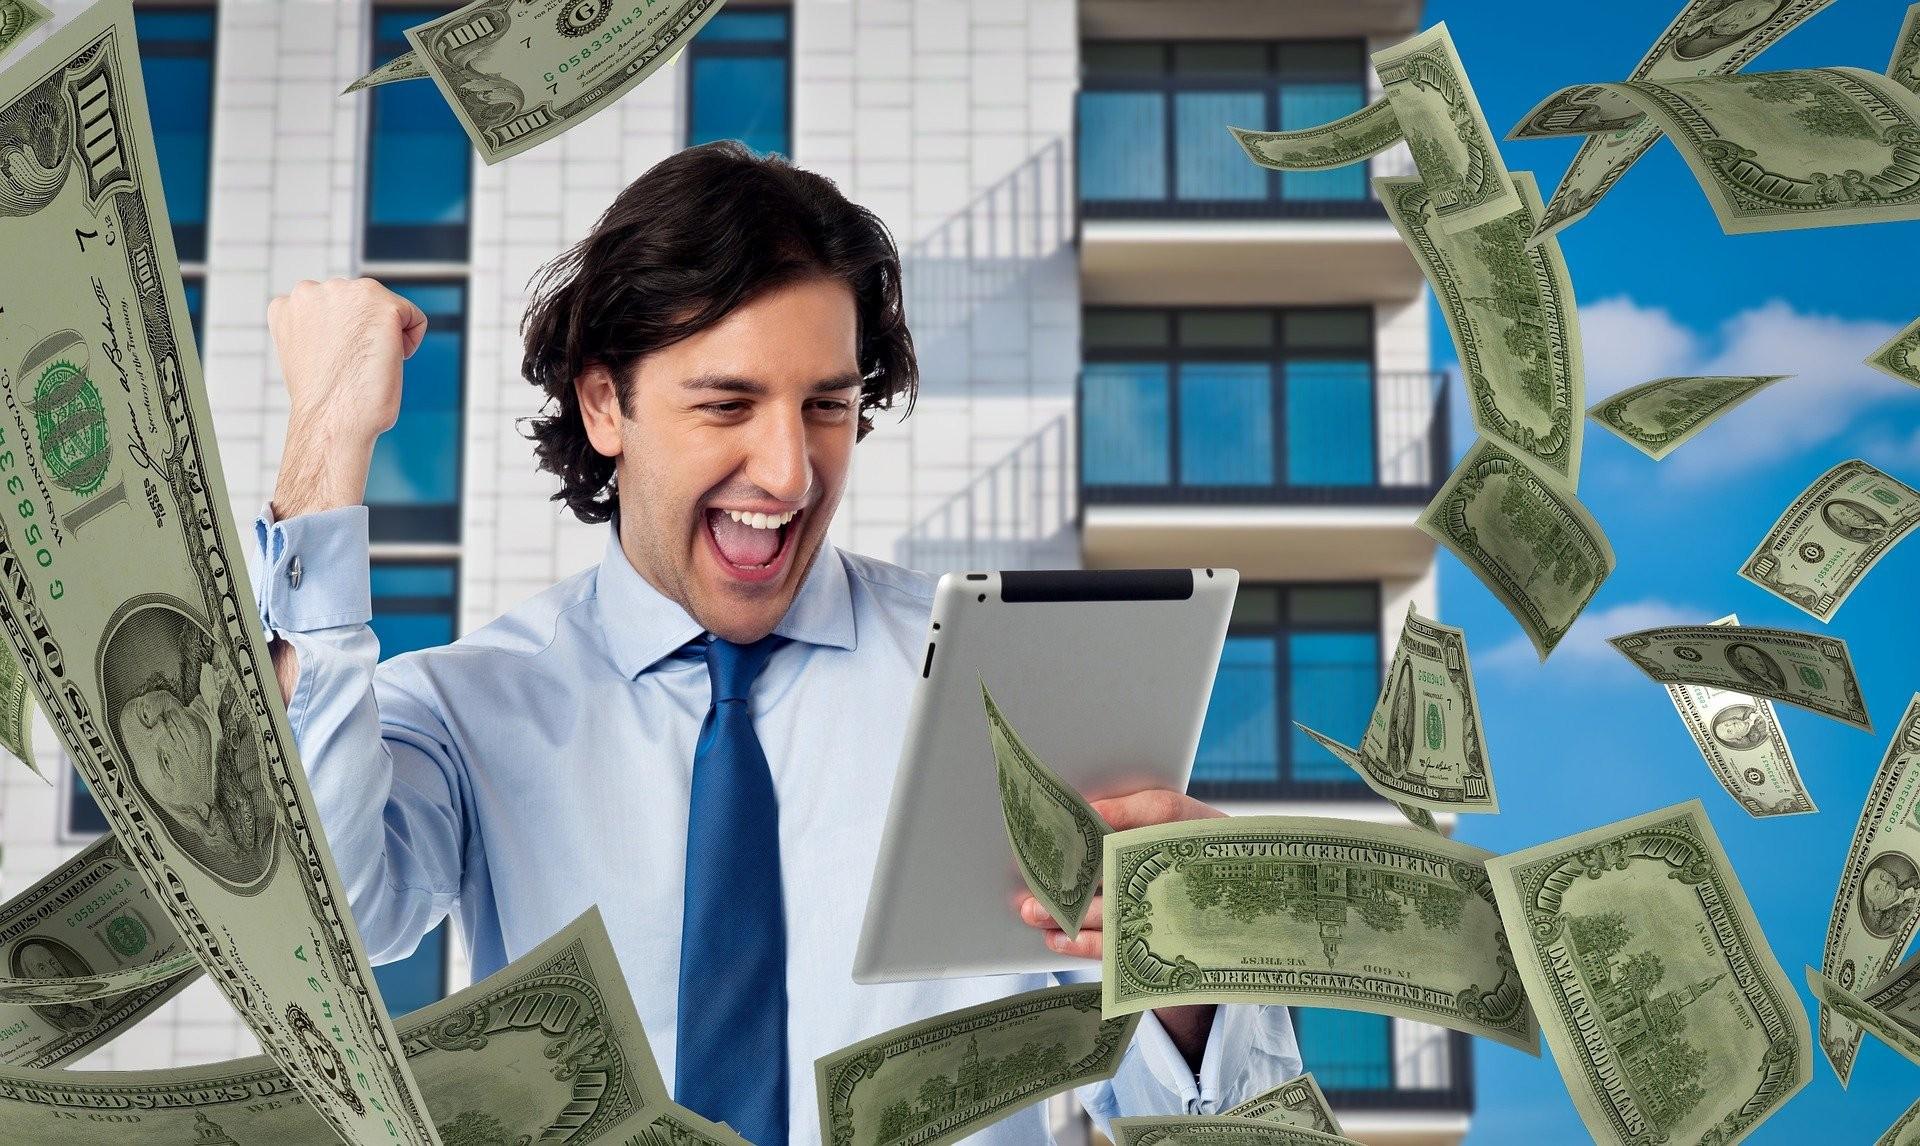 طرق الربح من الإنترنت مجانًا بدون رأس مال